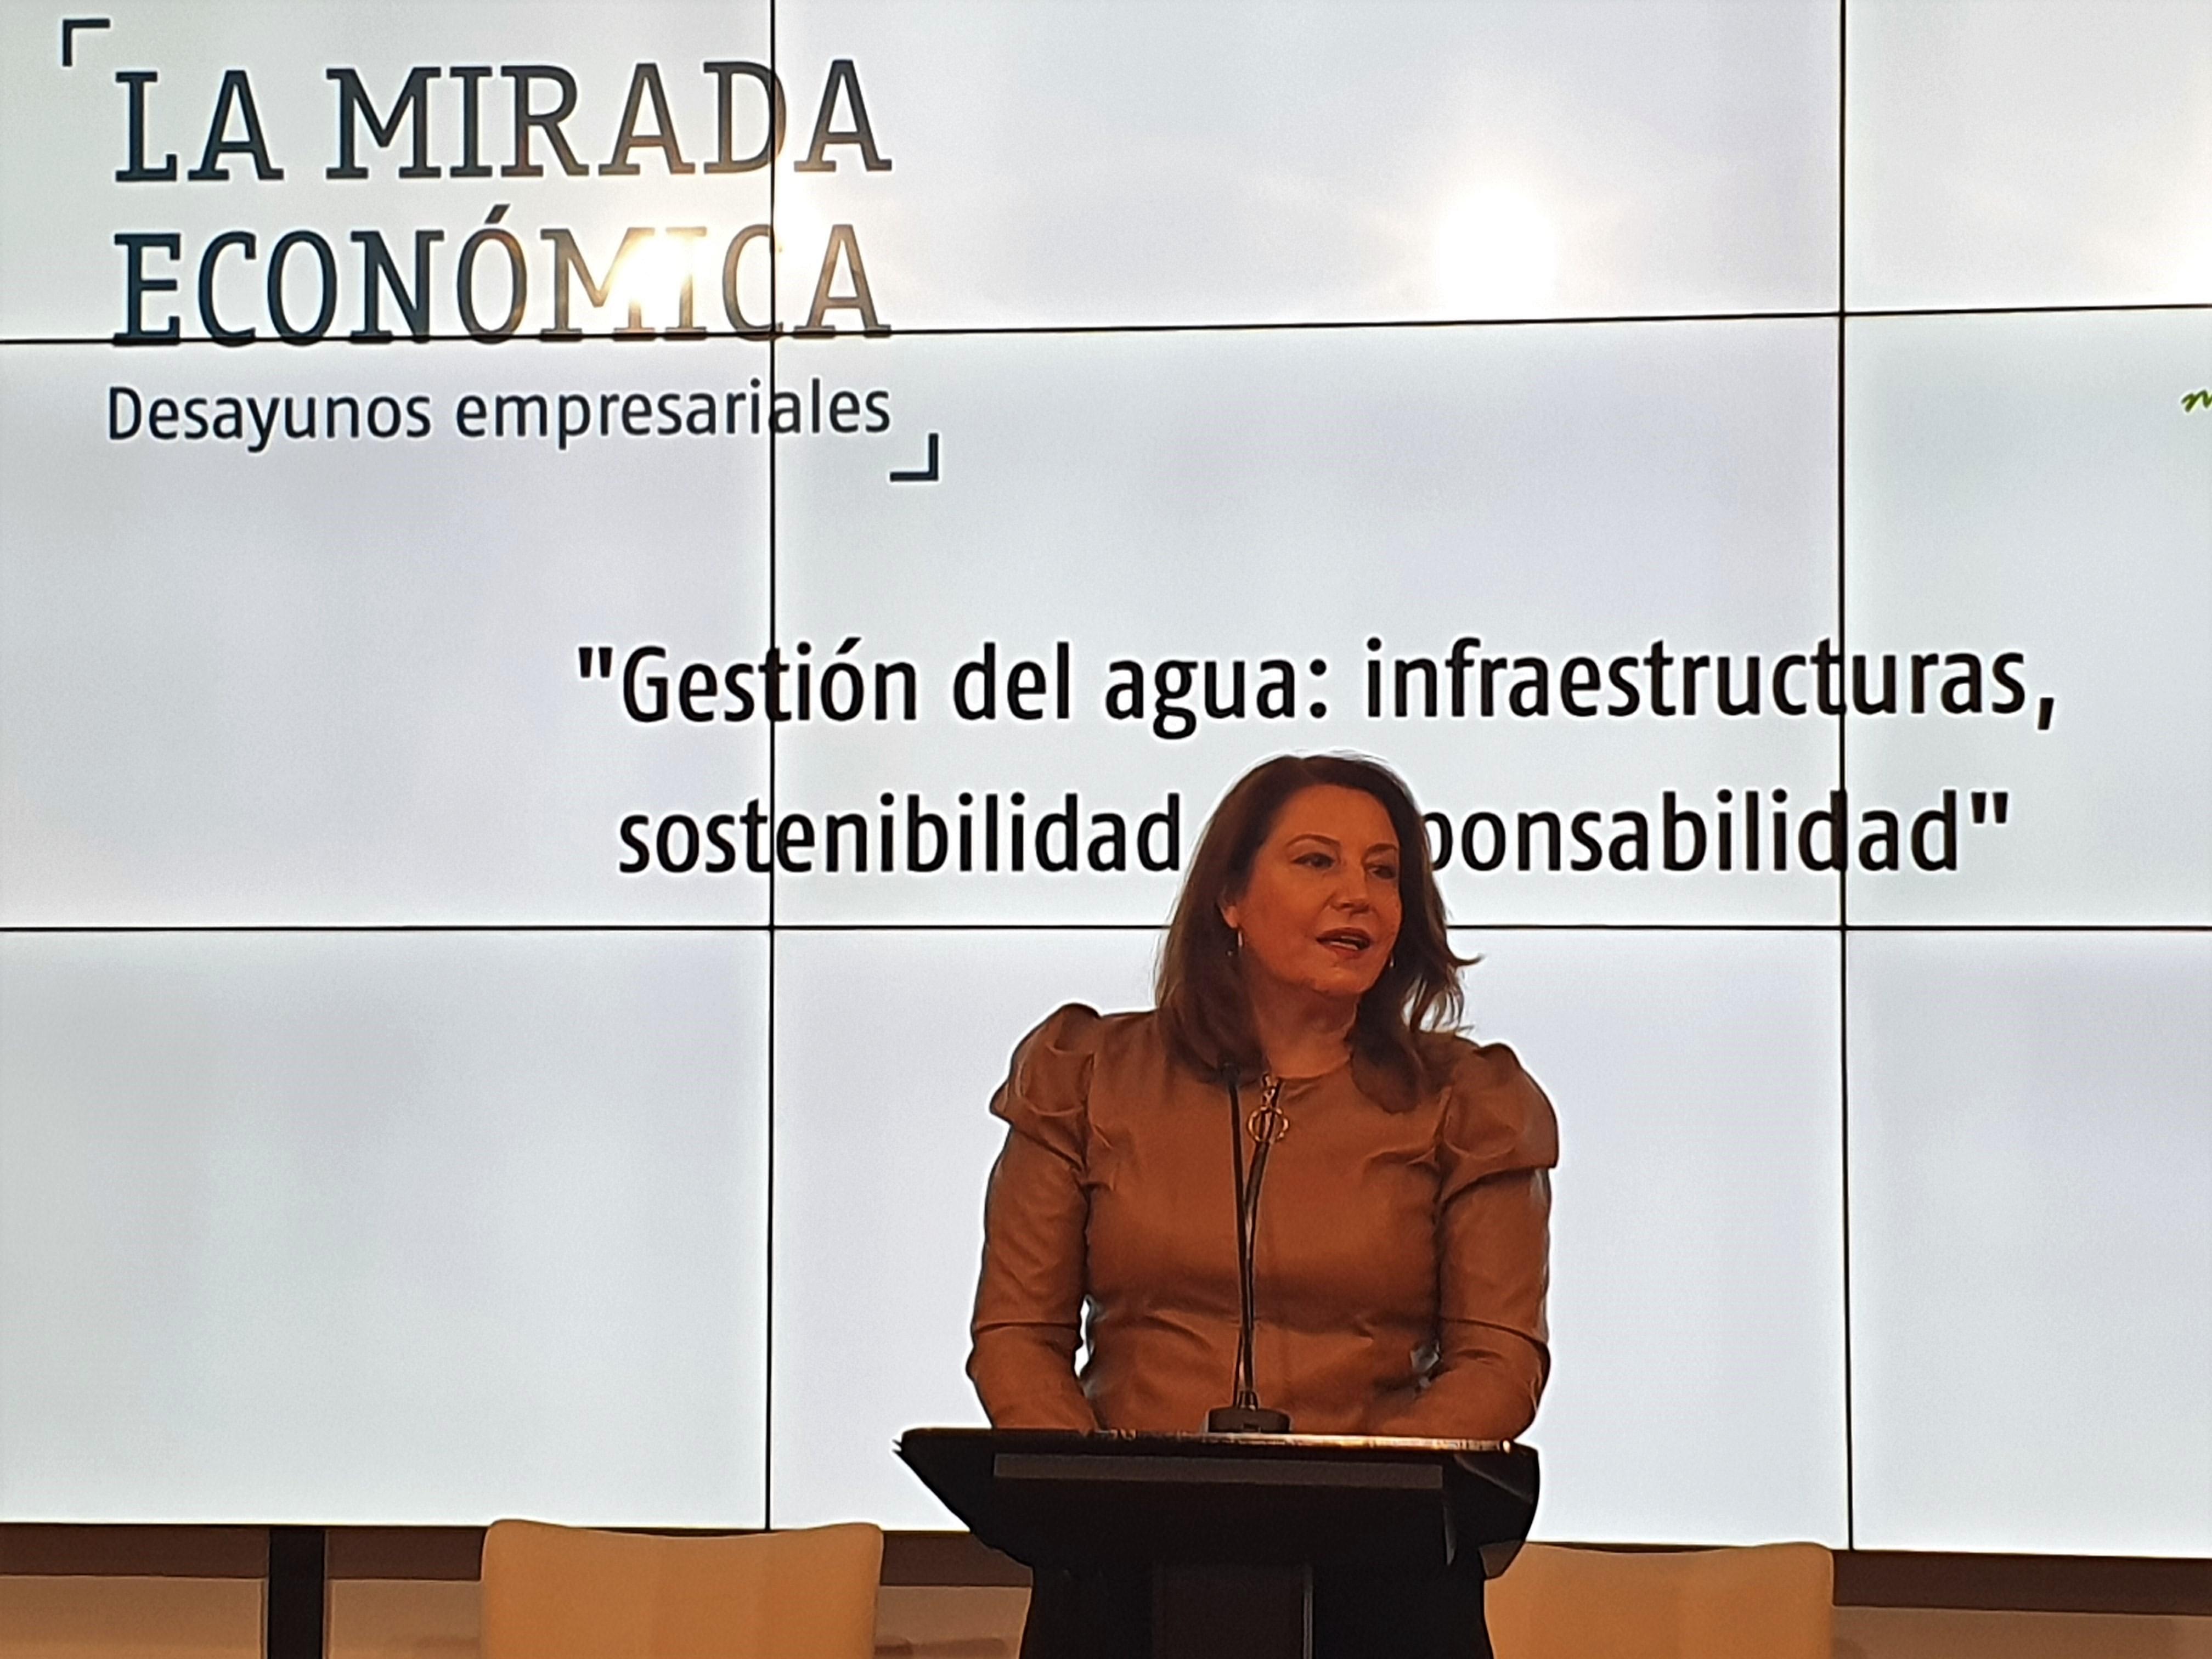 Crespo apuesta por posicionar a Andalucía como ejemplo en uso eficiente del agua y solidaridad entre territorios